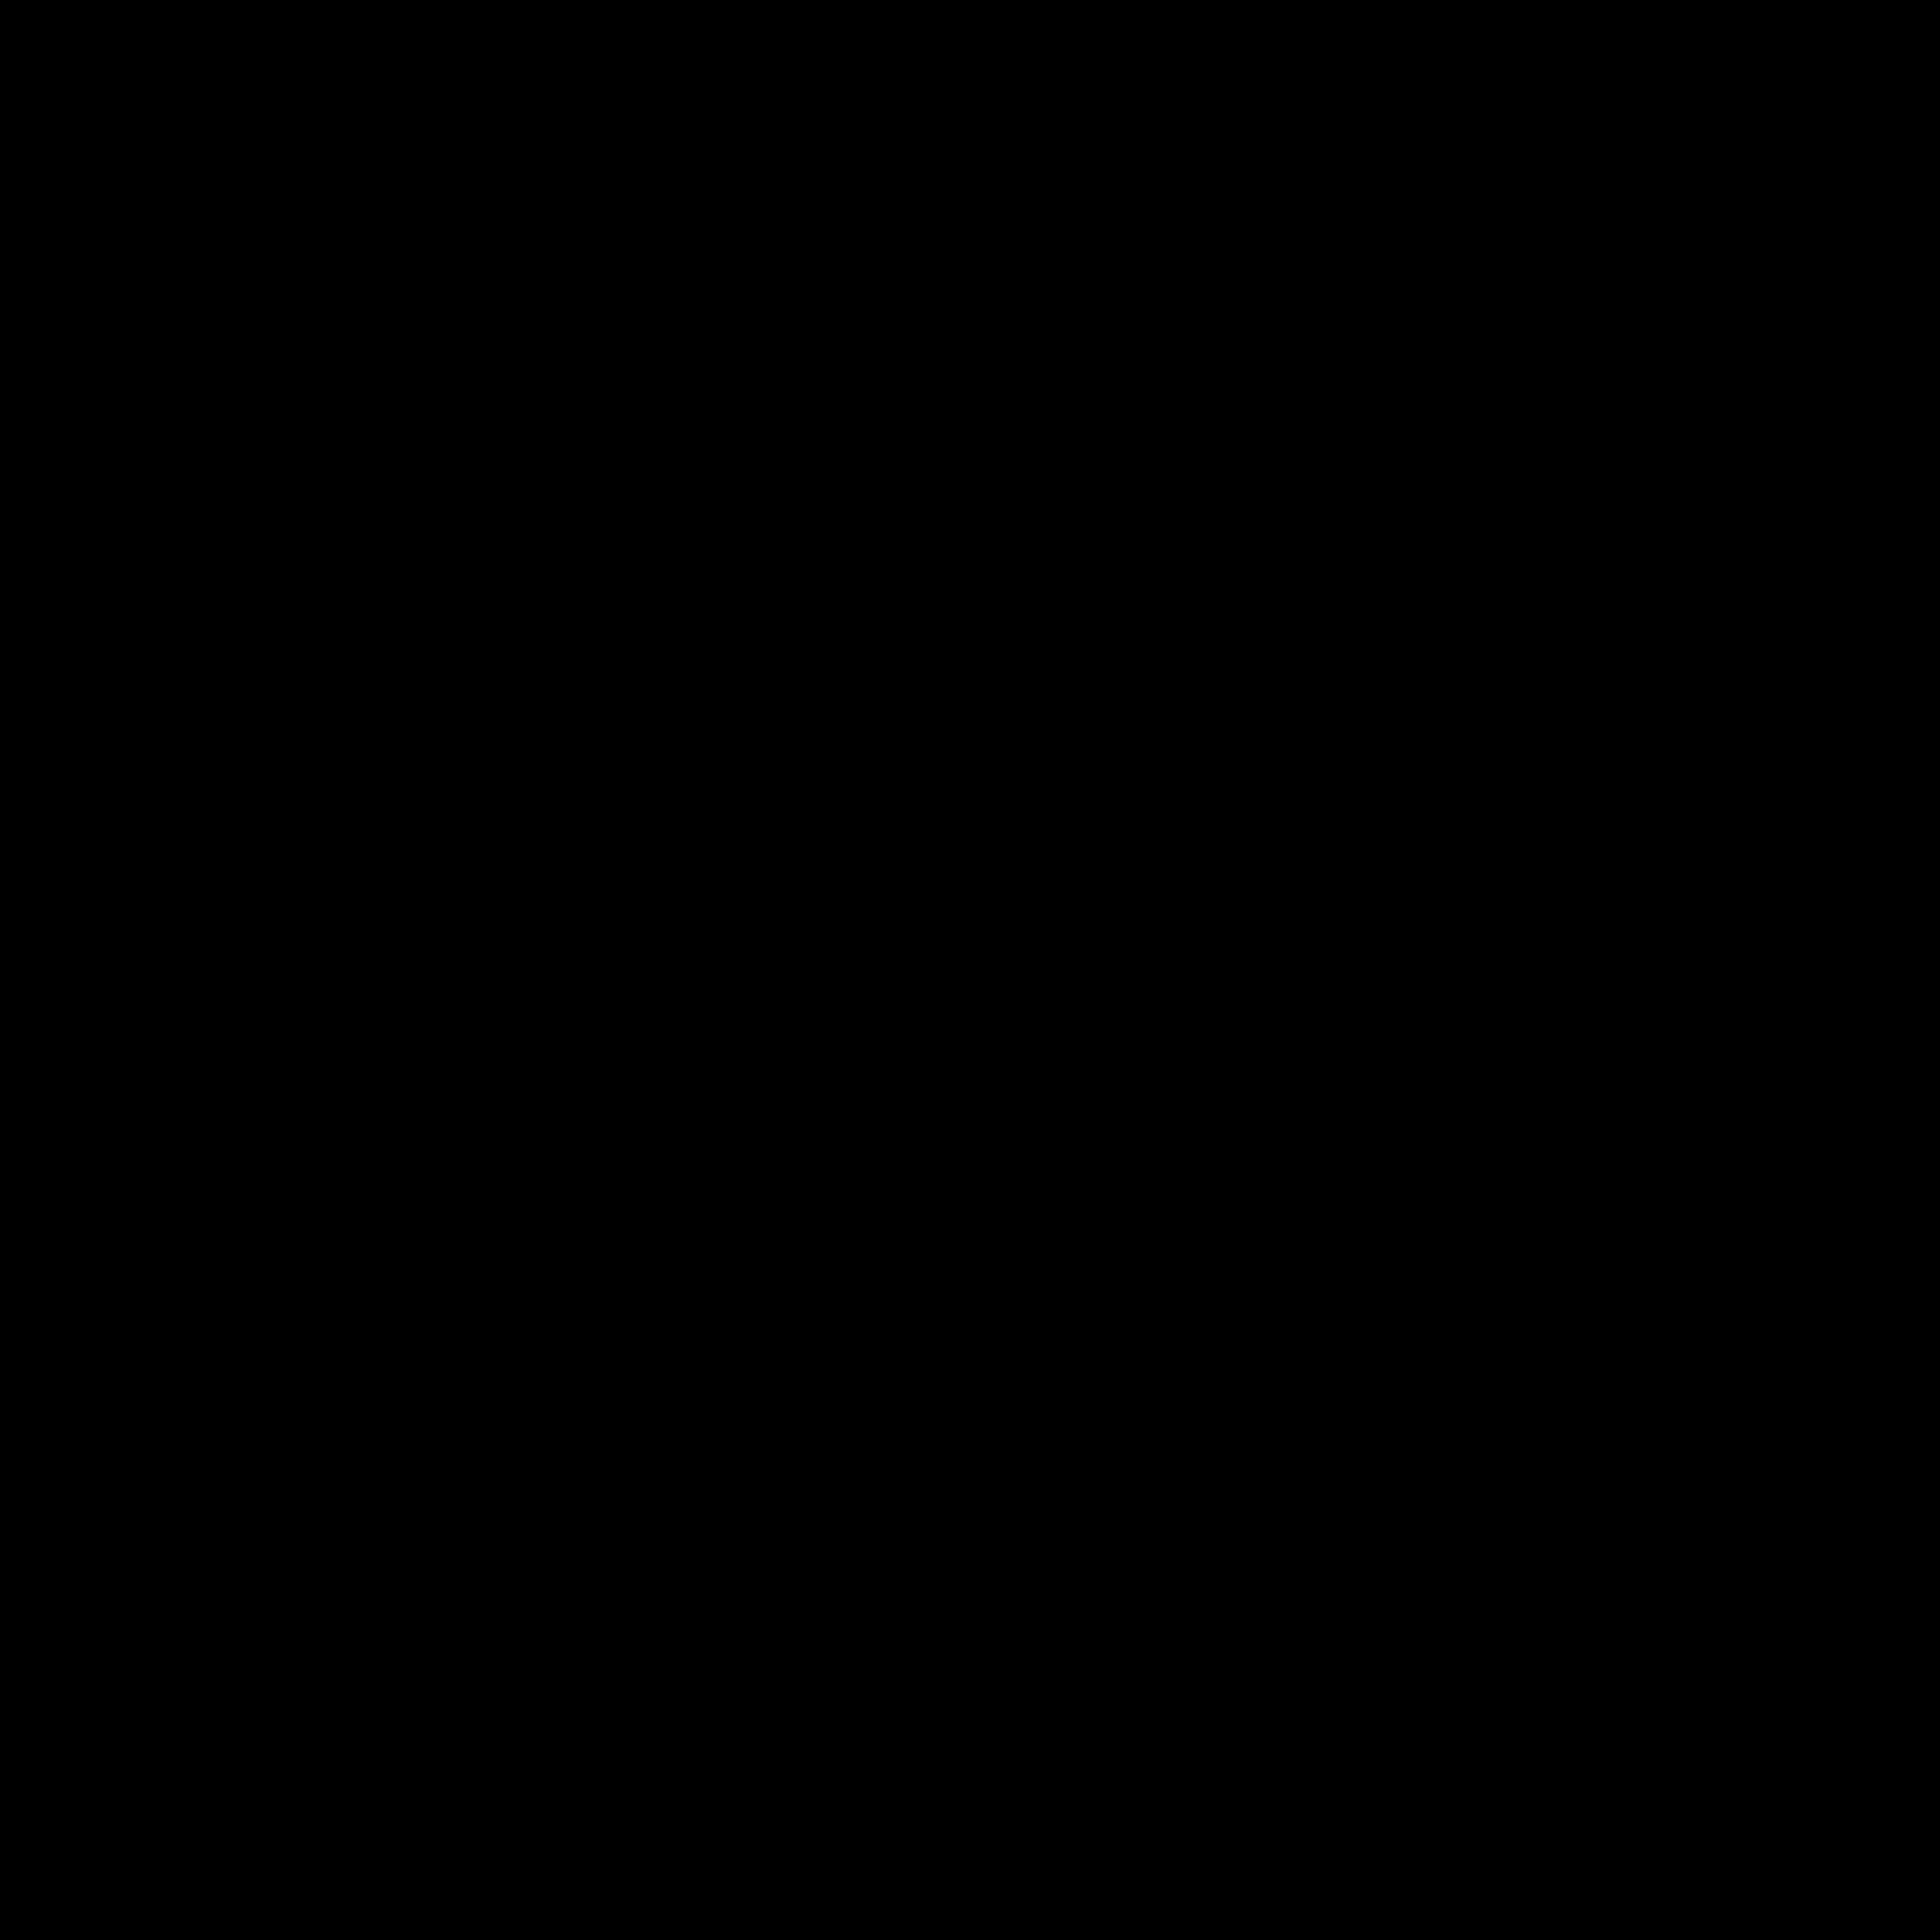 The Precursor logo Black